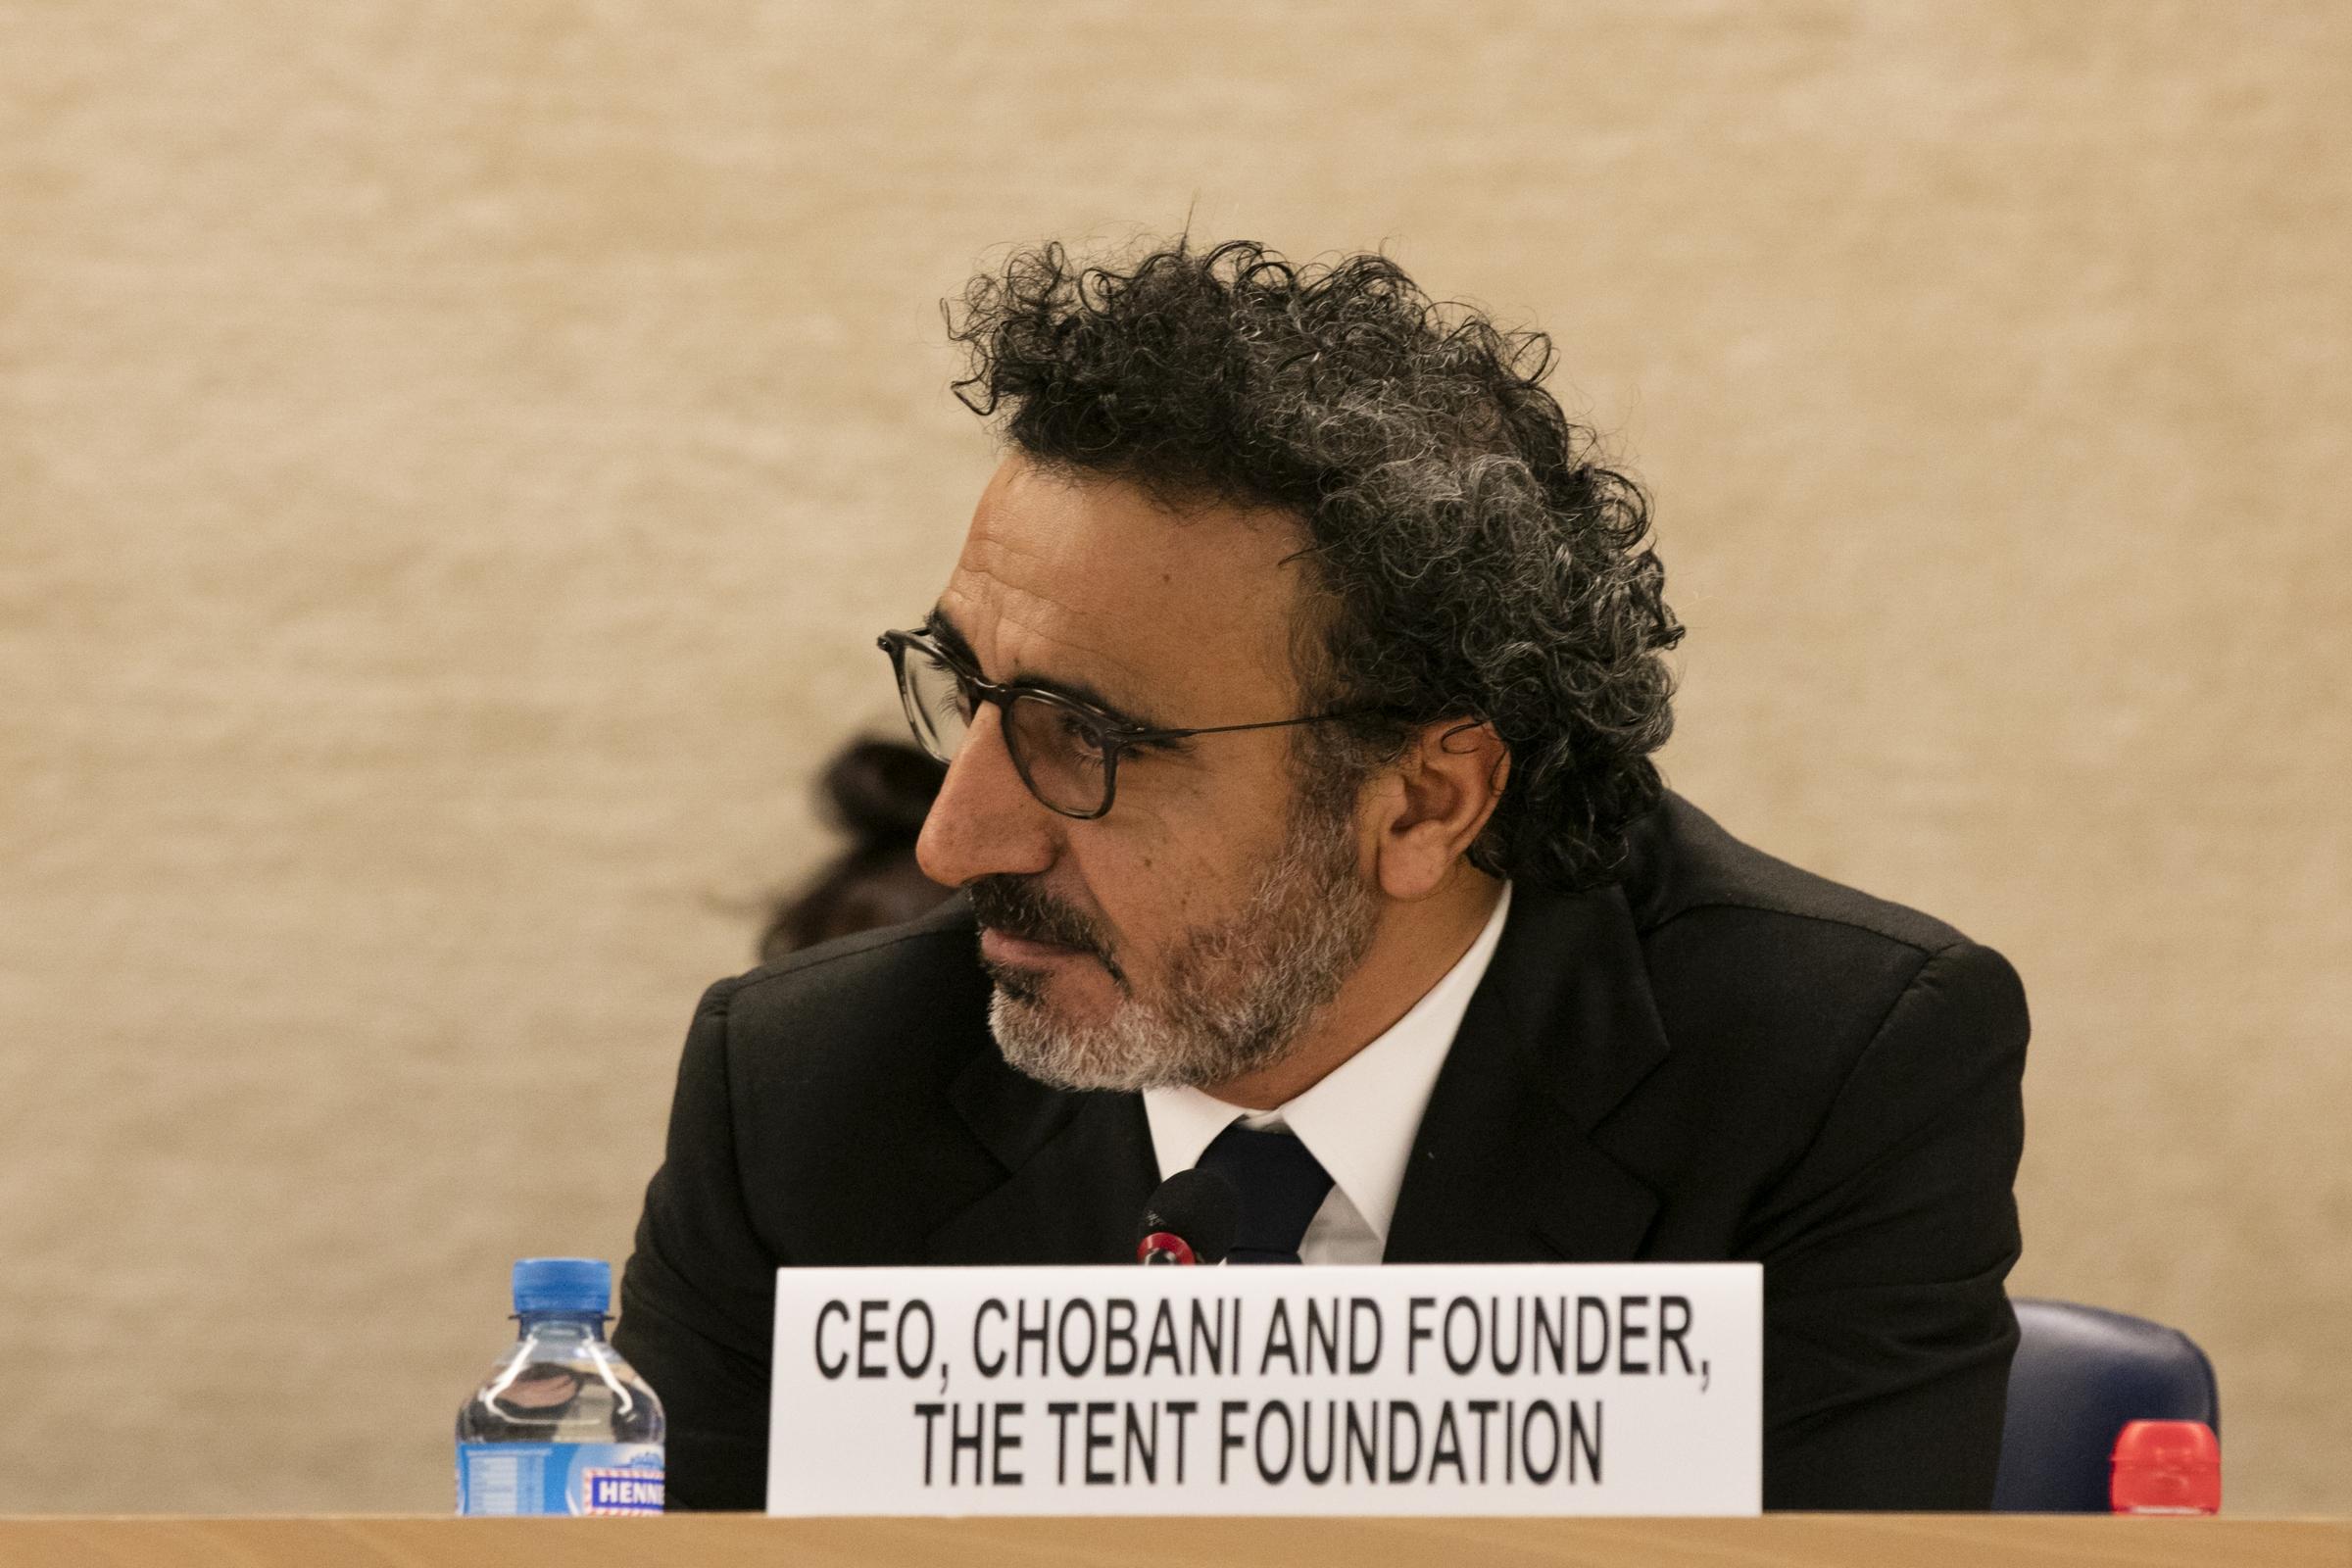 İşadamı Hamdi Ulukaya BM toplantısında iş dünyasını mülteciler için çözüme çağırdı